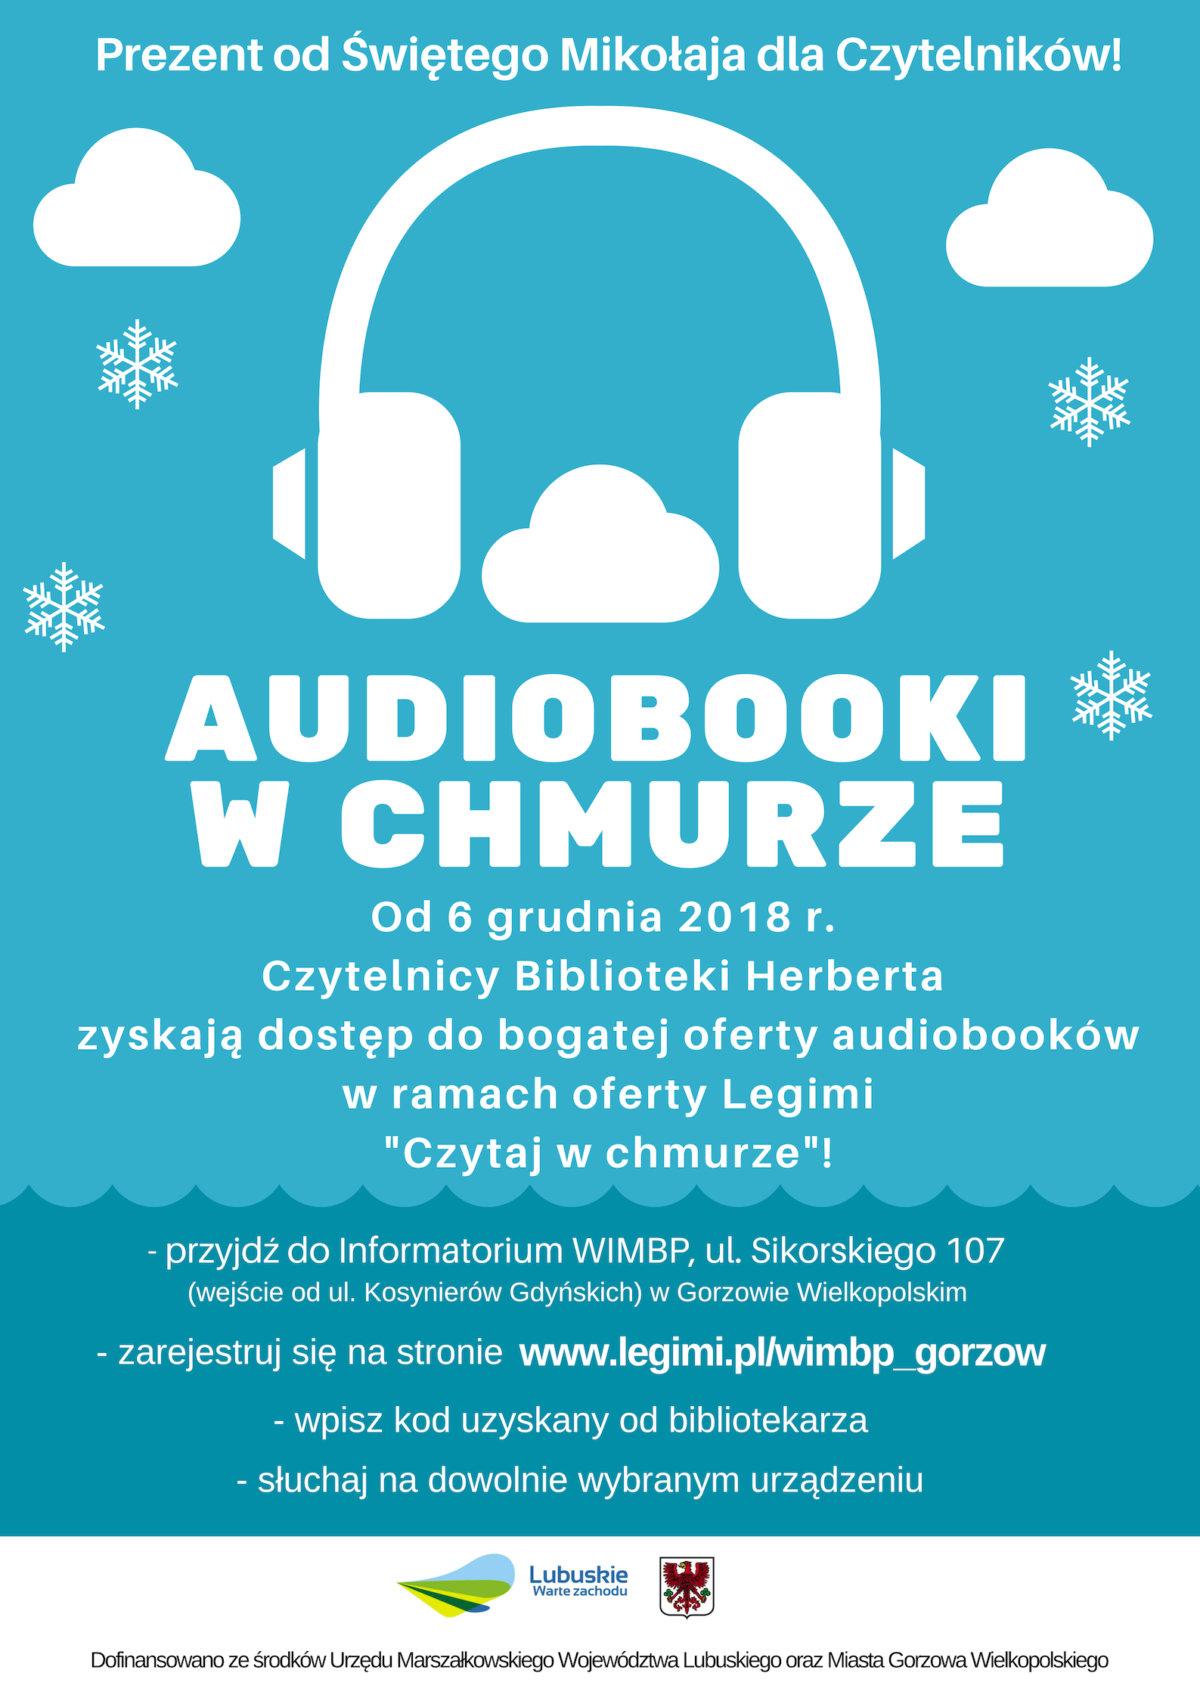 Od 6 grudnia zapraszamy naszych Czytelników do bezpłatnego korzystania z bogatej oferty audiobooków w ramach współpracy Biblioteki Herberta z Legimi.